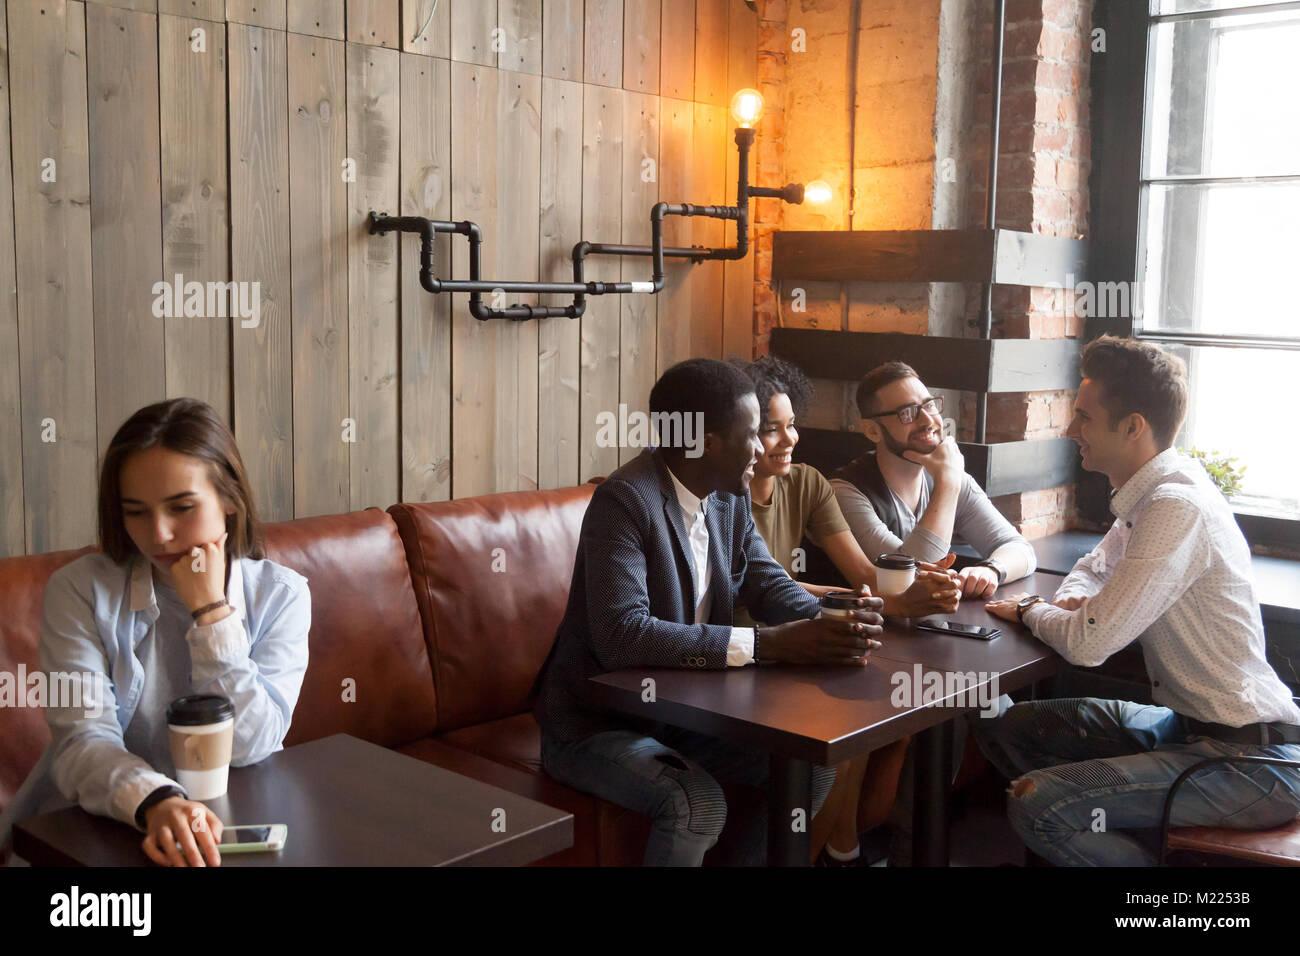 Diversos jóvenes amigos ignorando triste chica sentada sola en el cafe Imagen De Stock